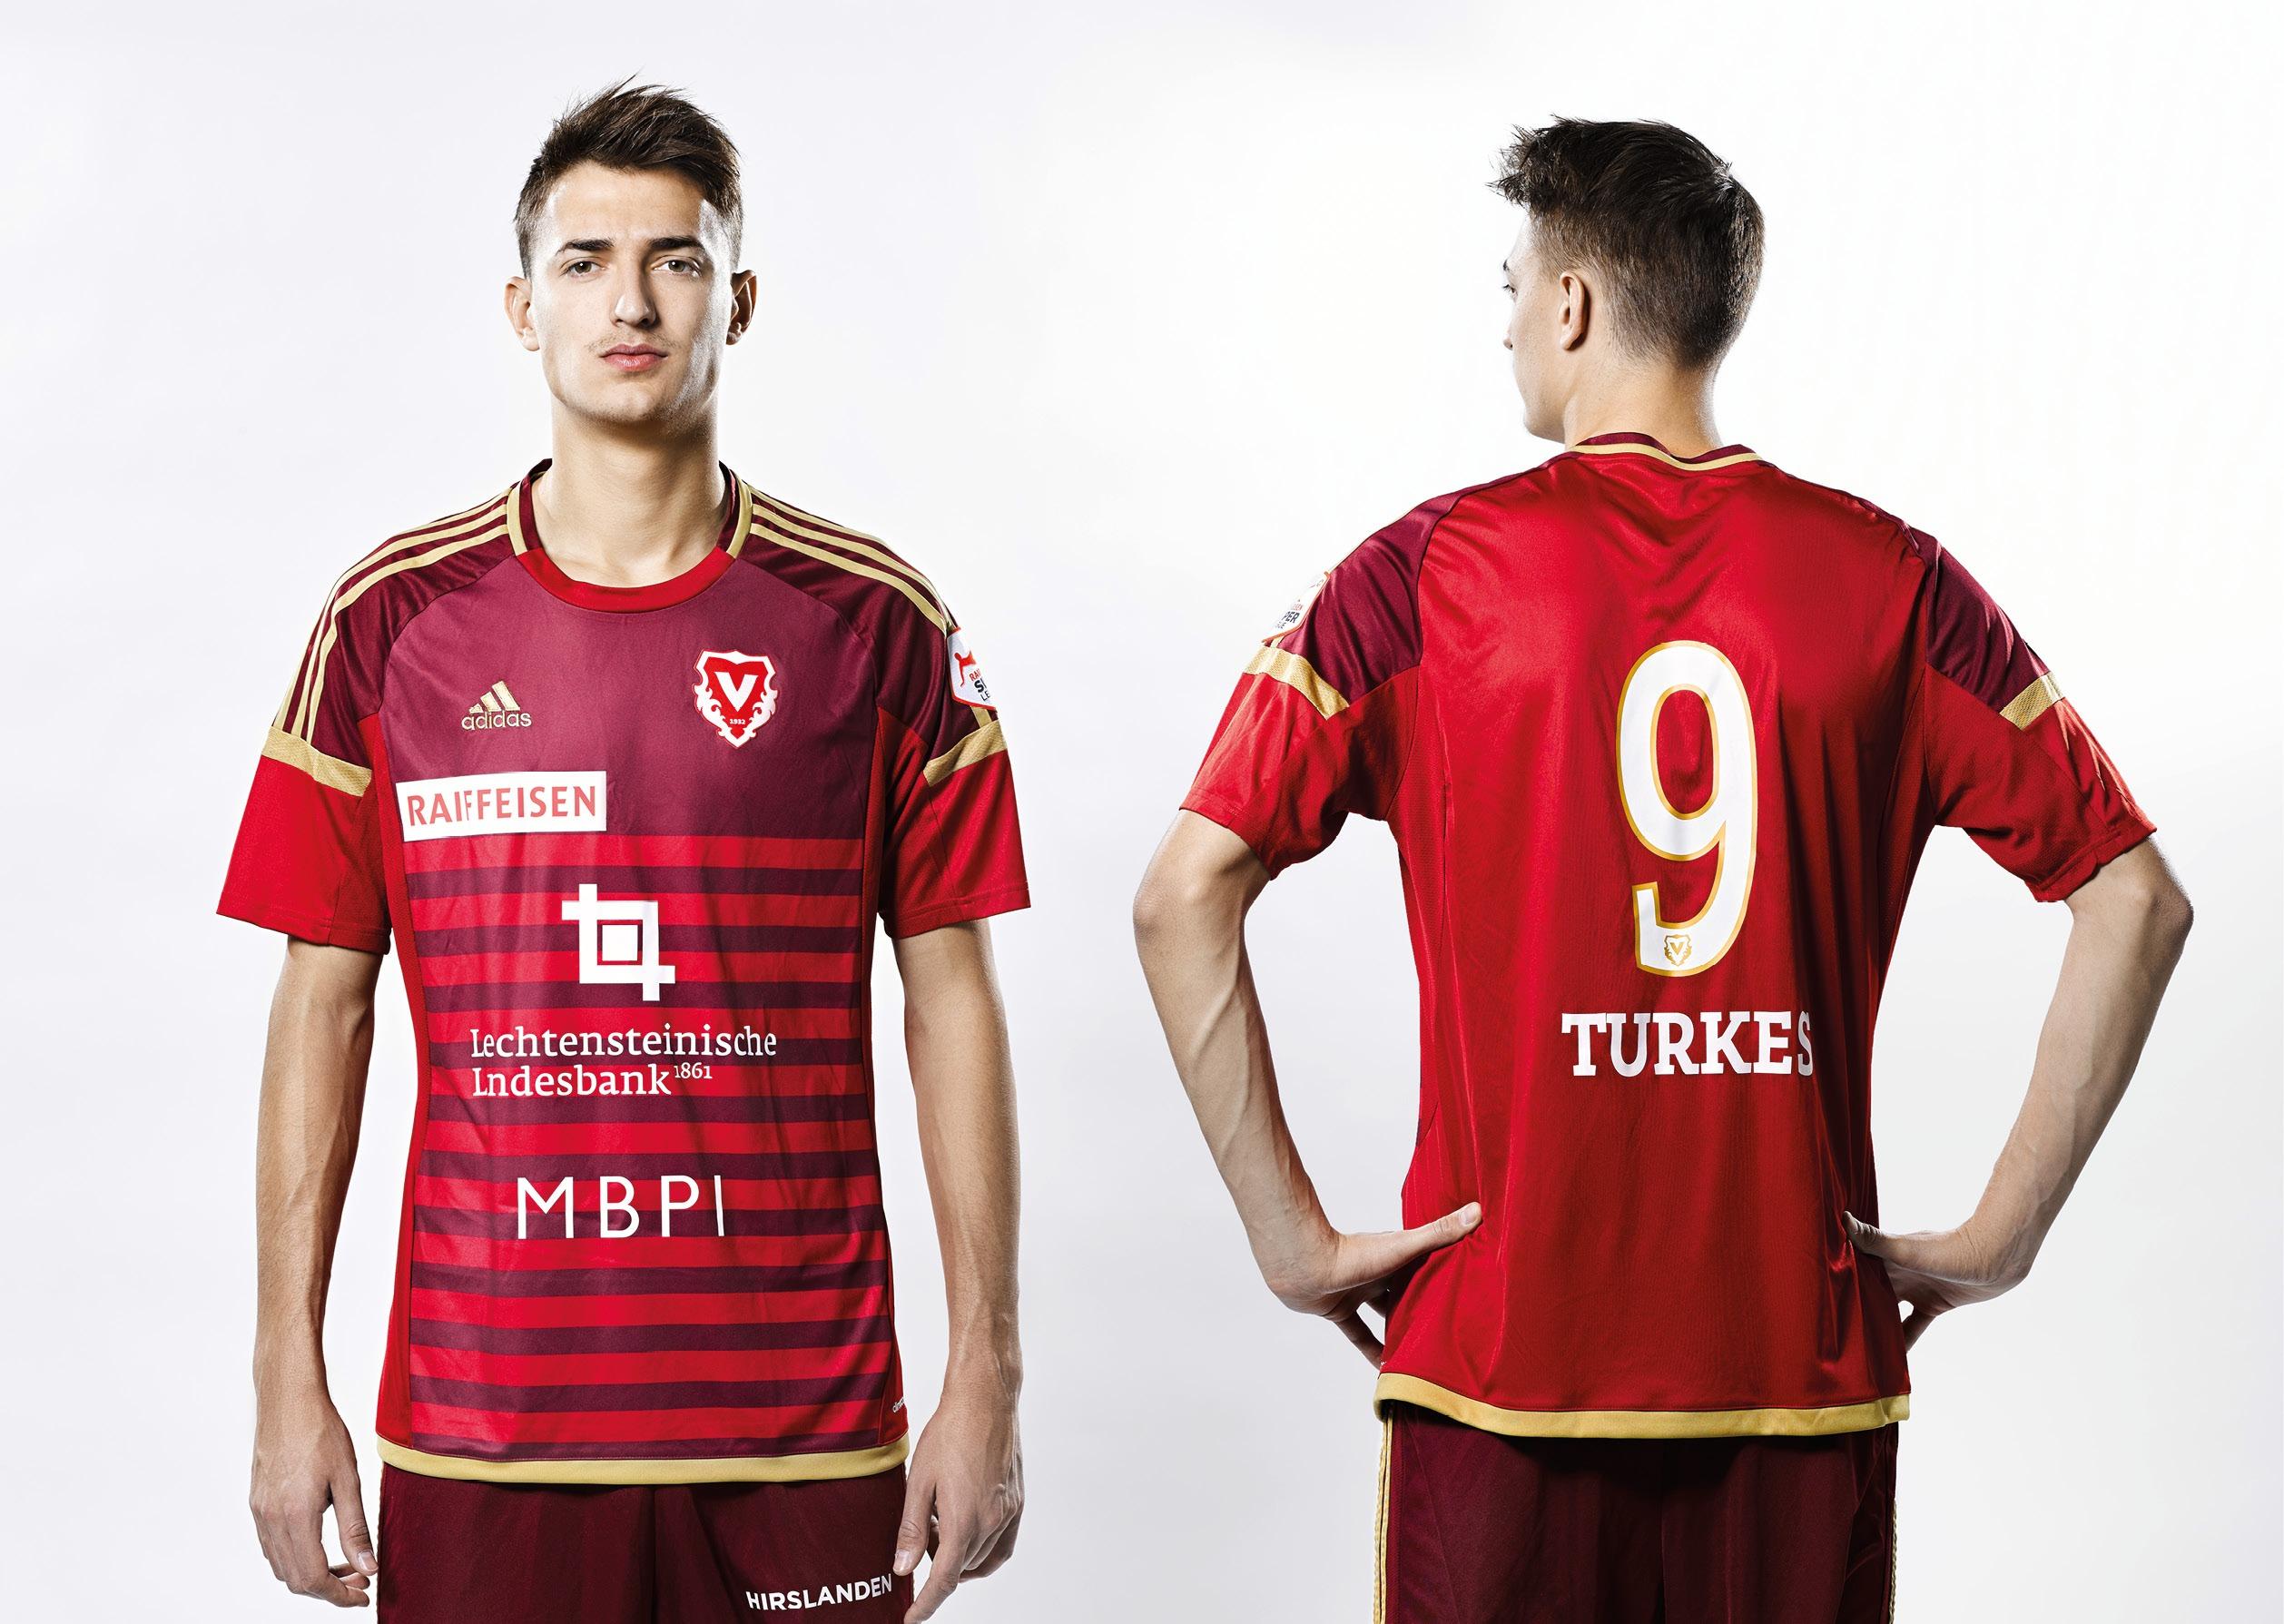 Aldin Turkes